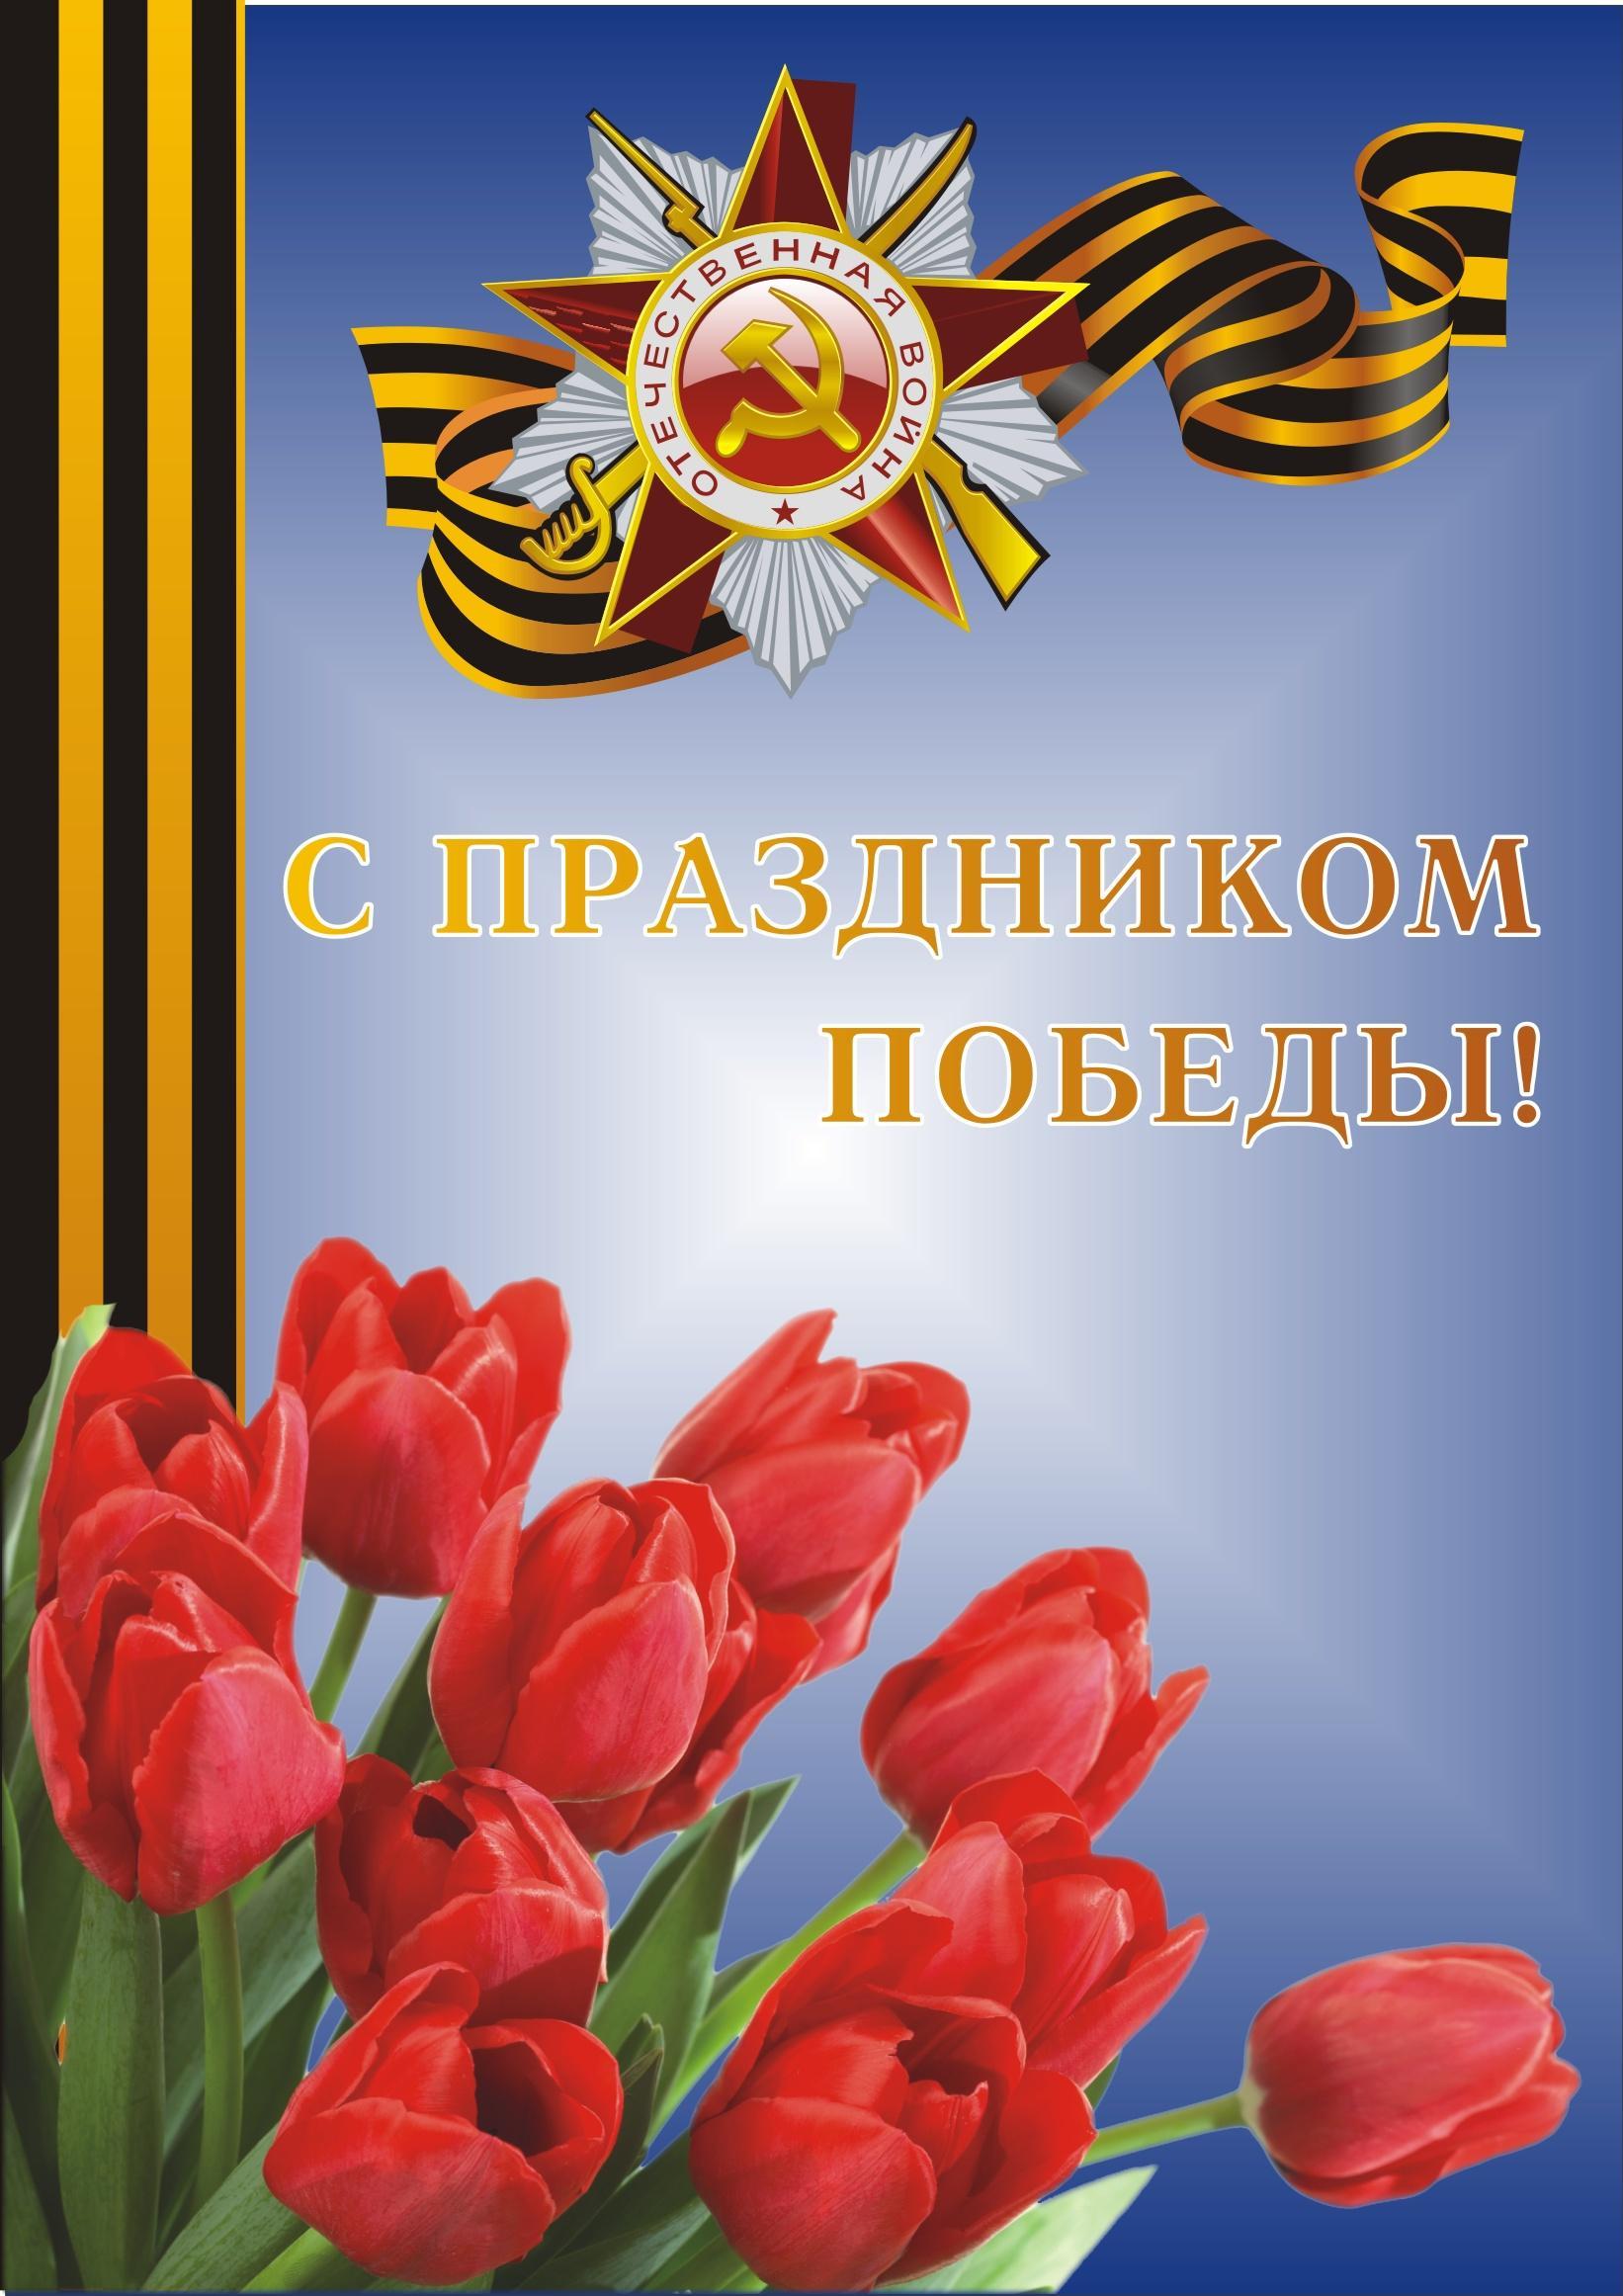 плакат открытка 9 мая что